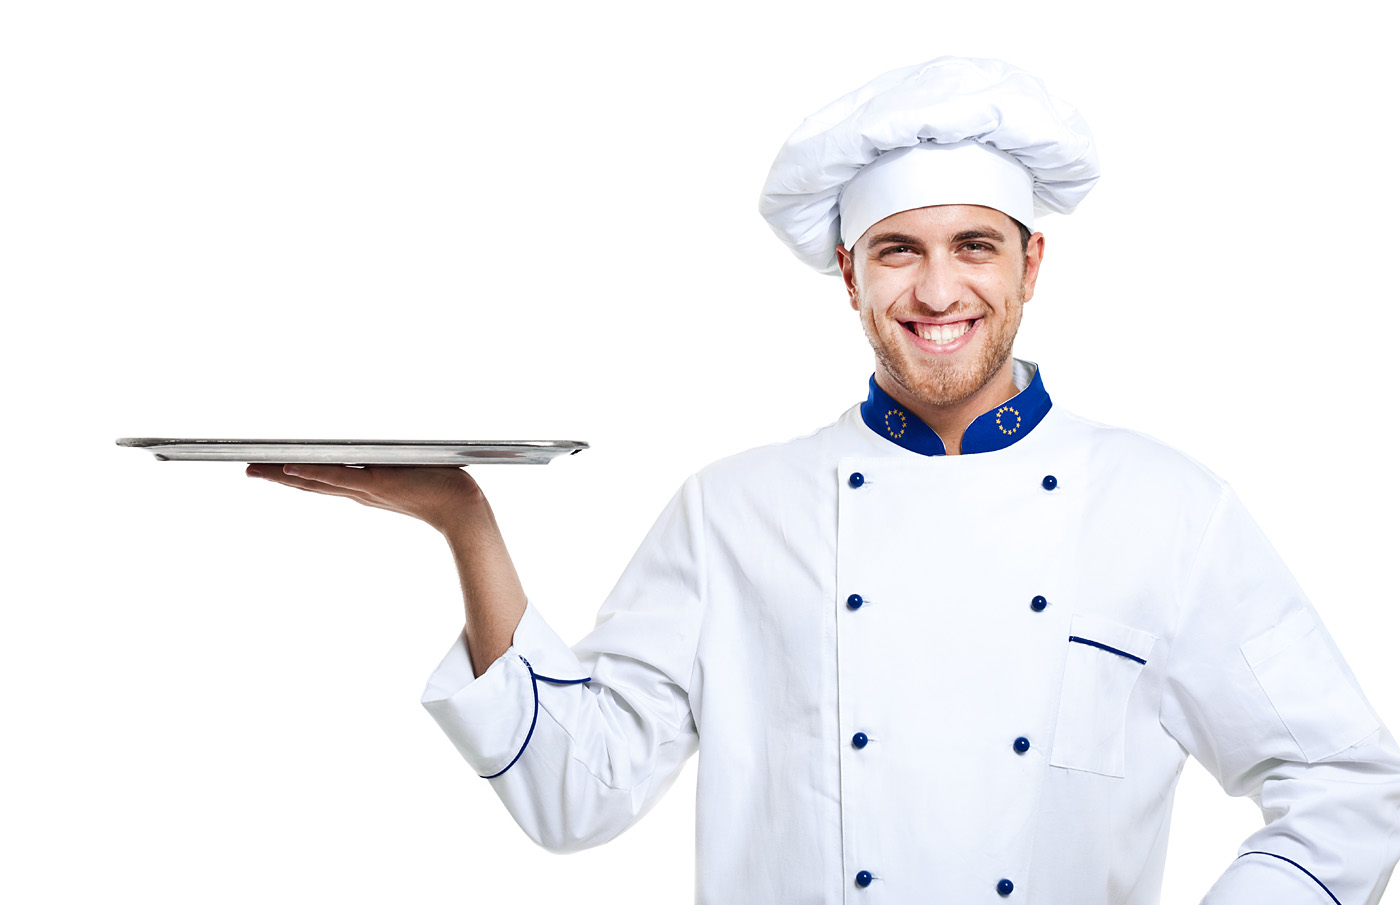 grande chef - Ho finito ingegneria da due